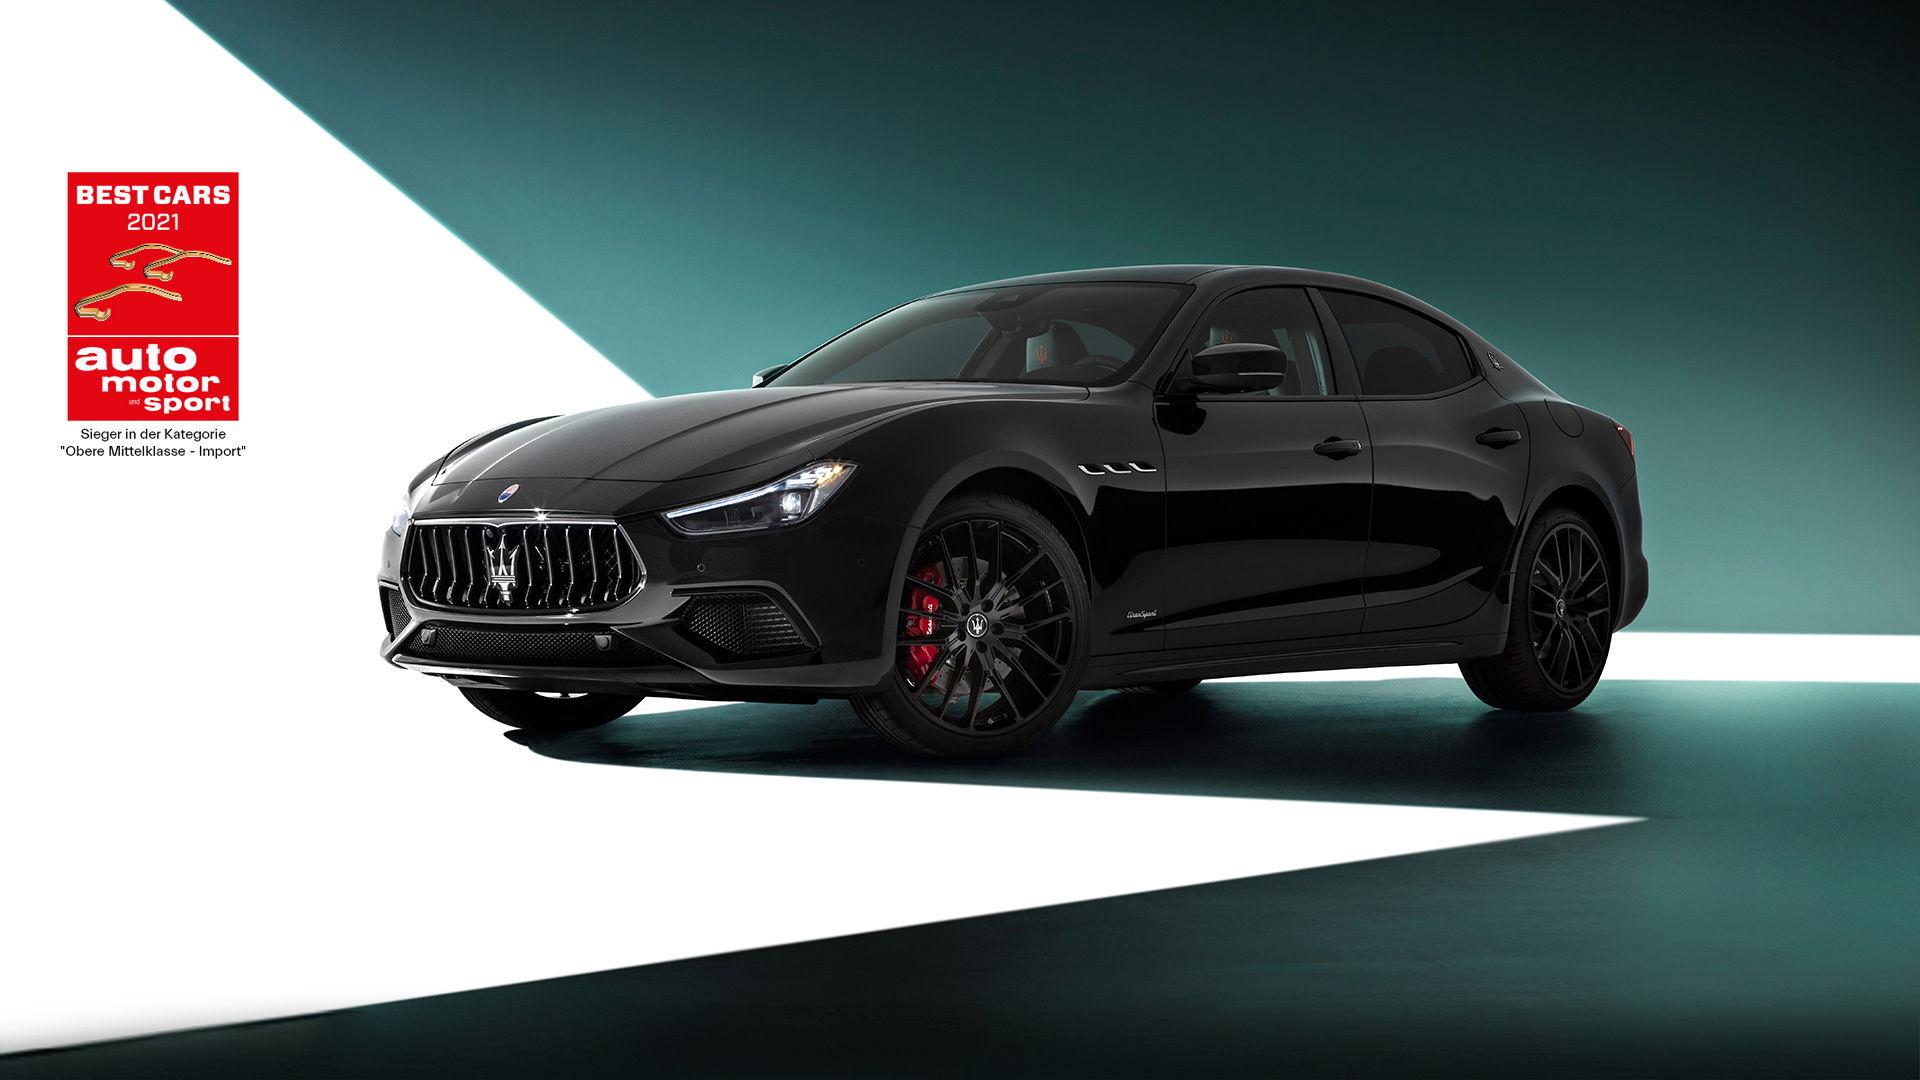 Maserati Ghibli MY21 in Schwarz: sportlich-elegant